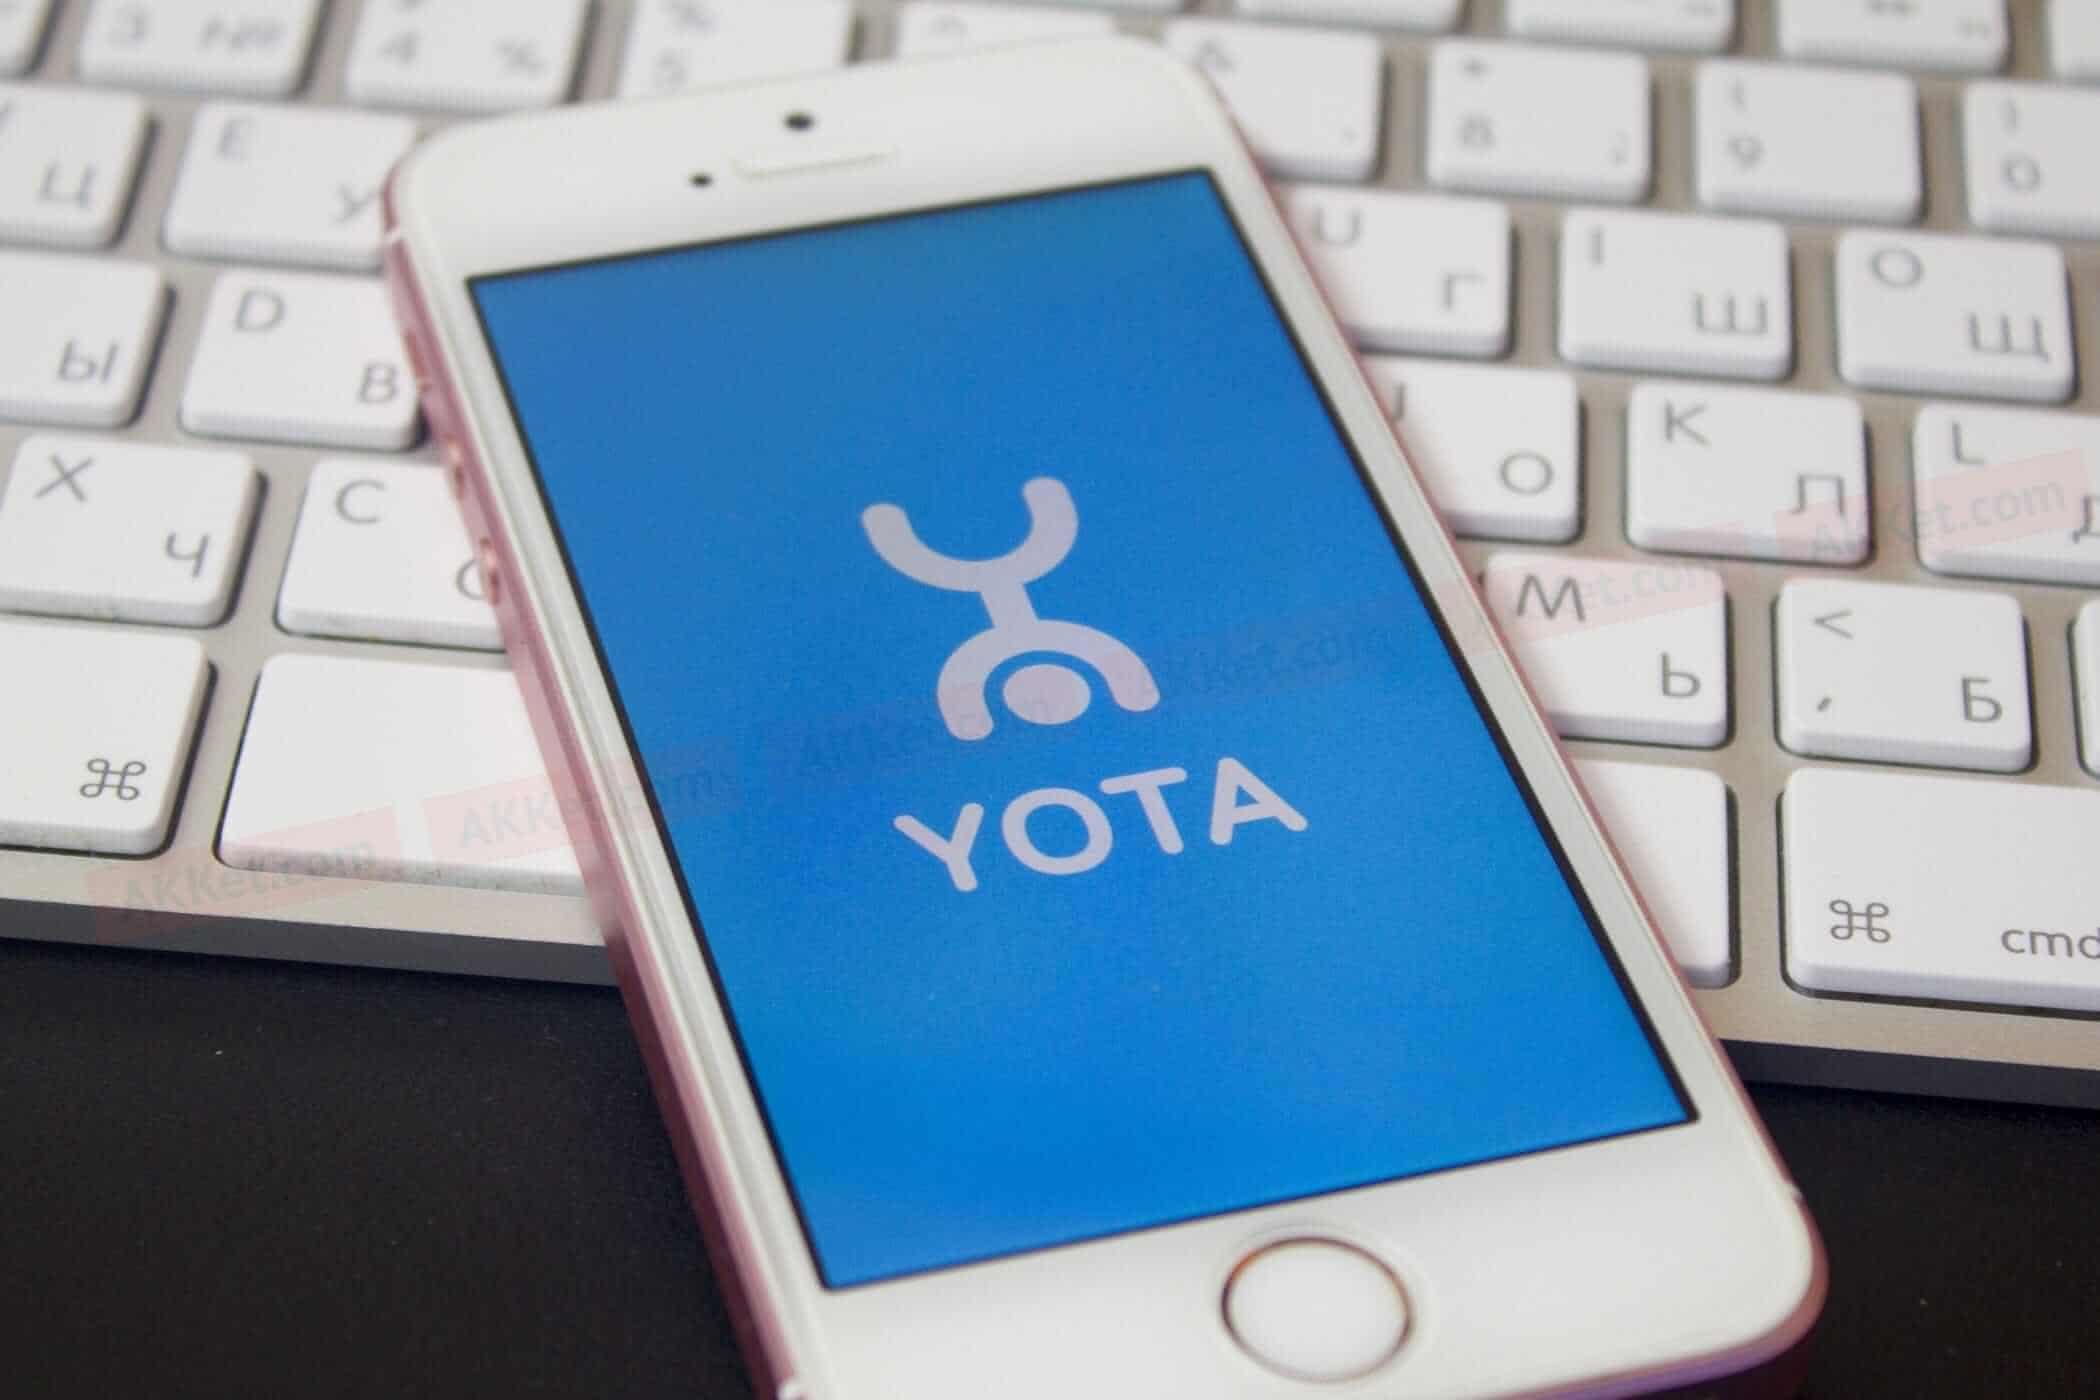 тарифы ета на телефон 2017 москва официальный сайт